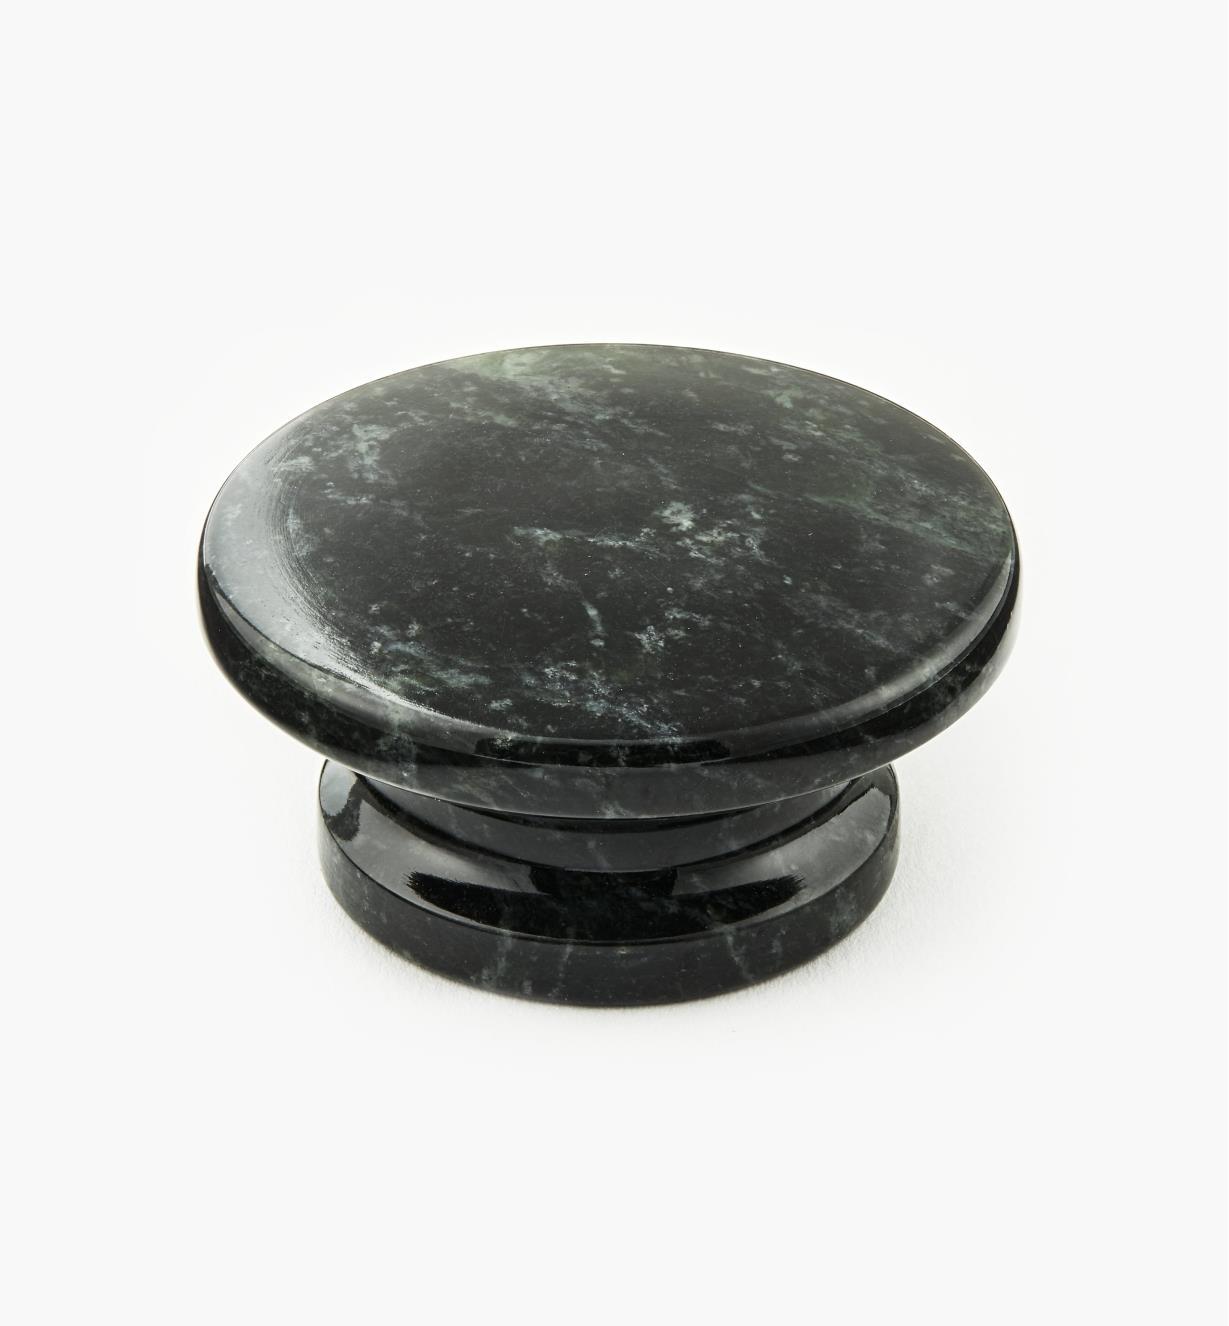 00W4041 - Green Marble Knob, 50mm x 25mm